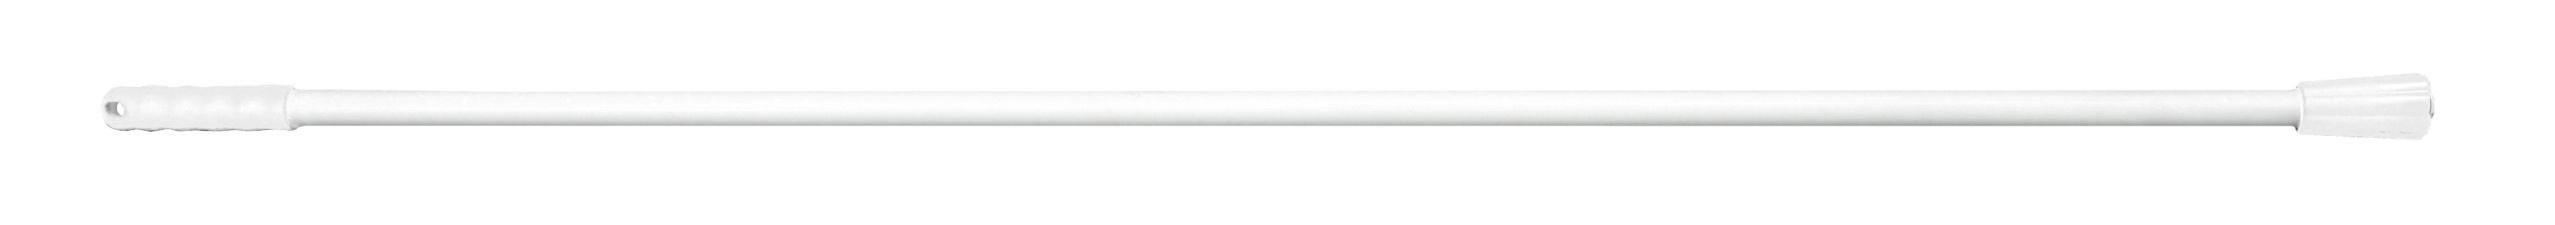 Stiel Universal- Kesselbürste 145cm, Fiberglass weiß